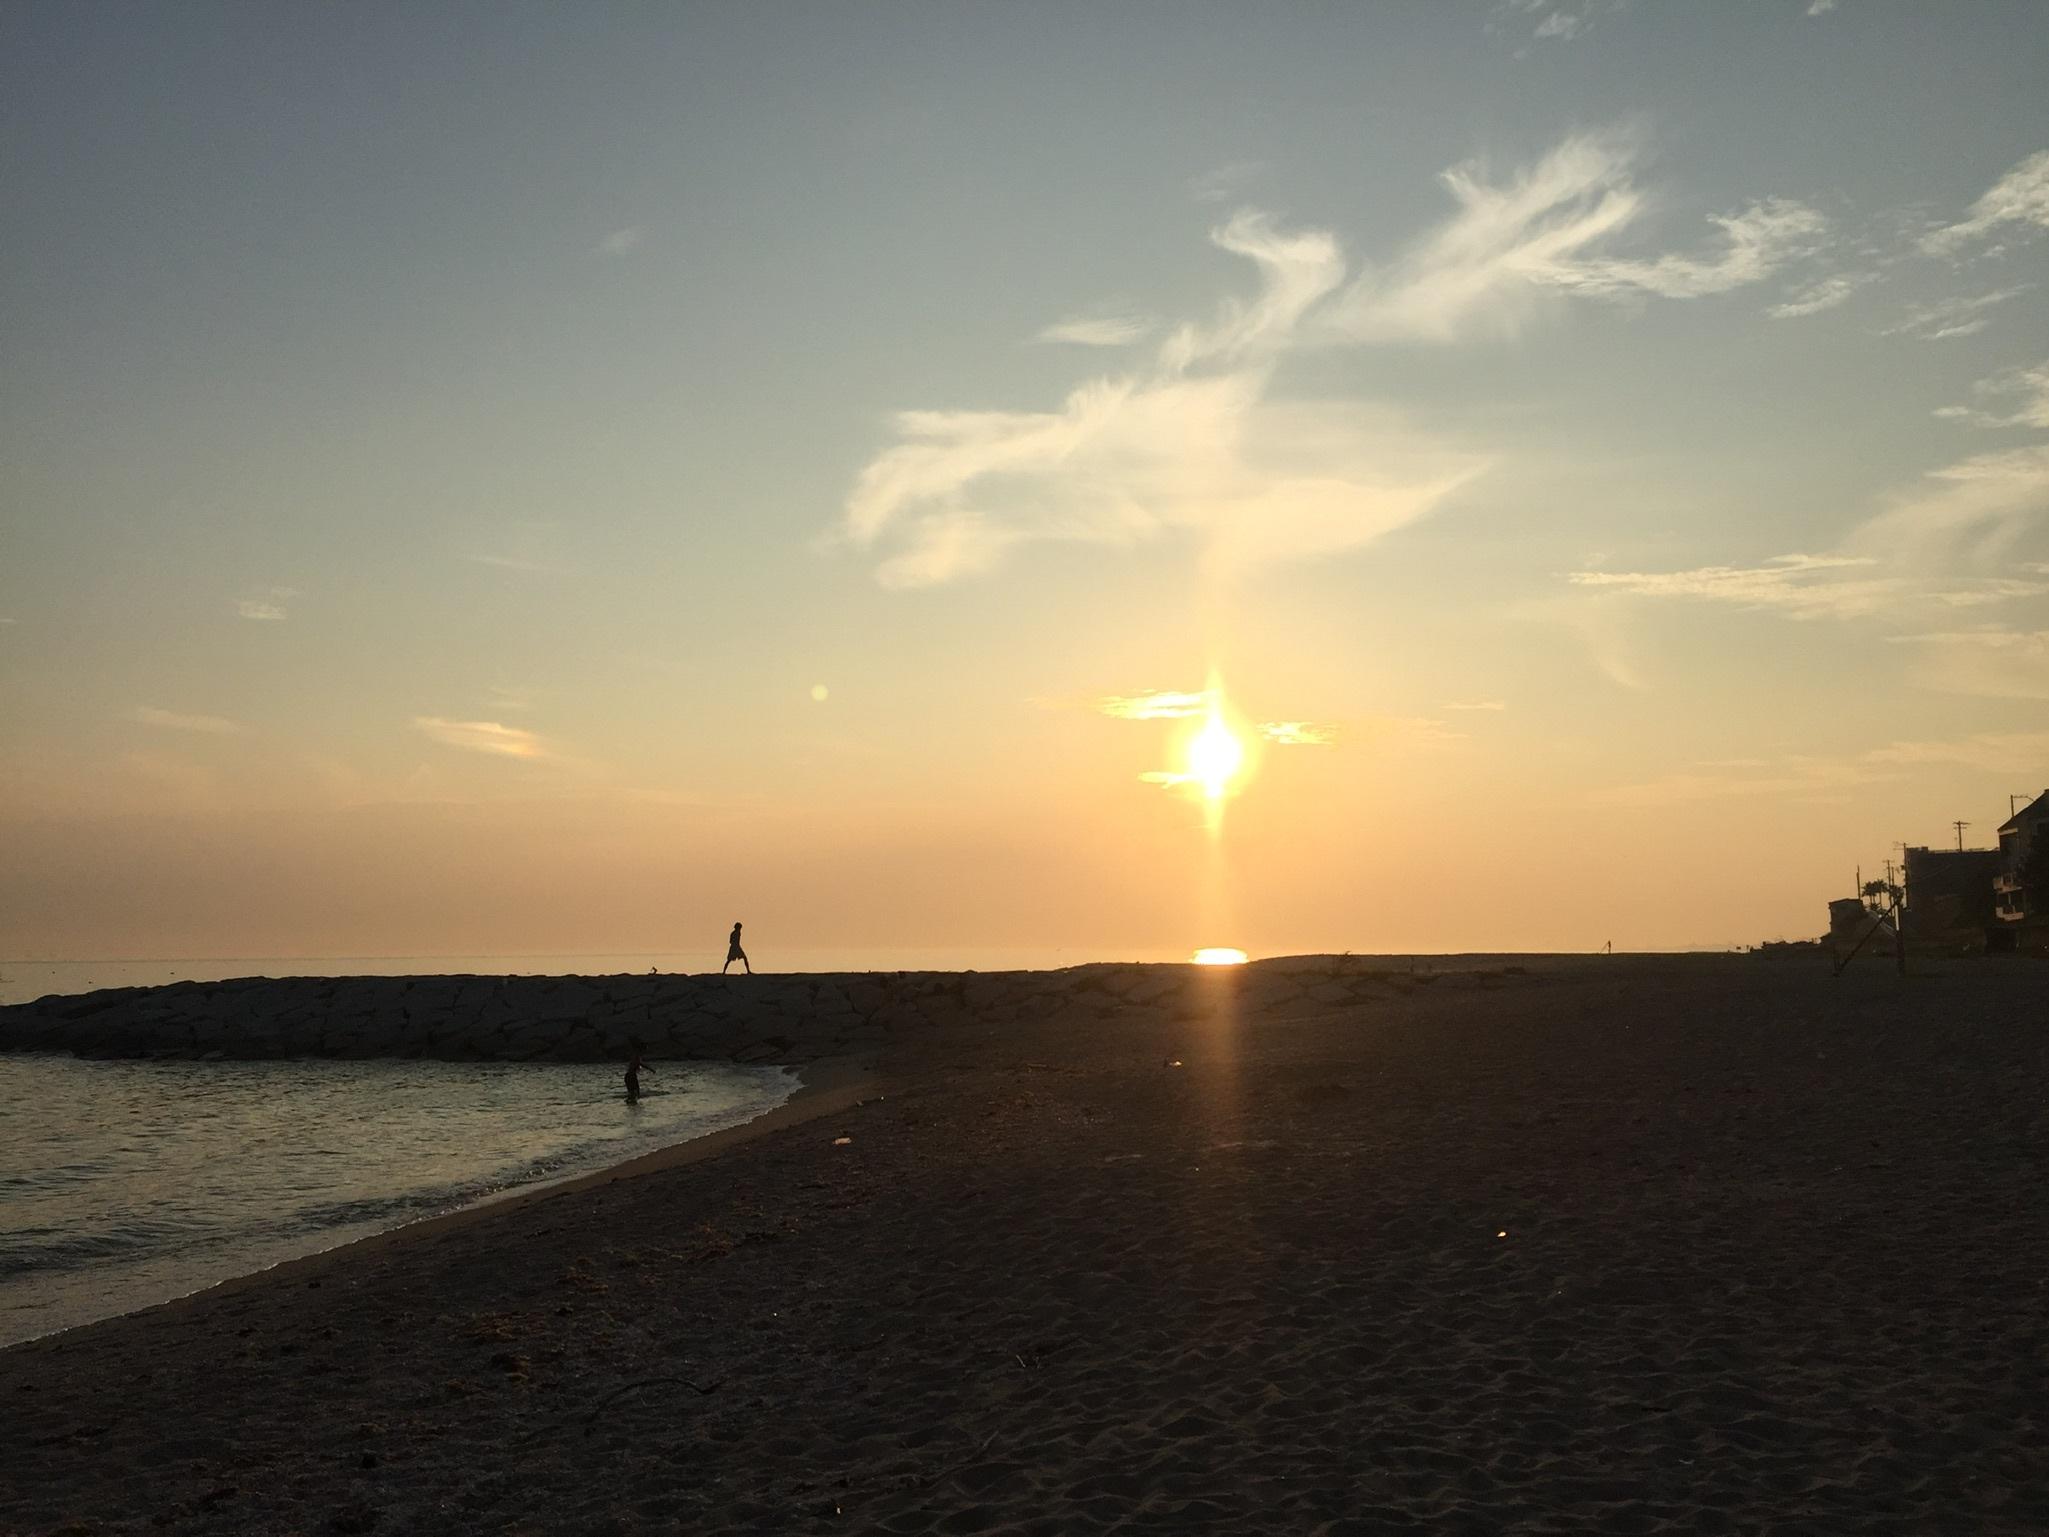 夏が大好き☆_a0114816_10422399.jpg